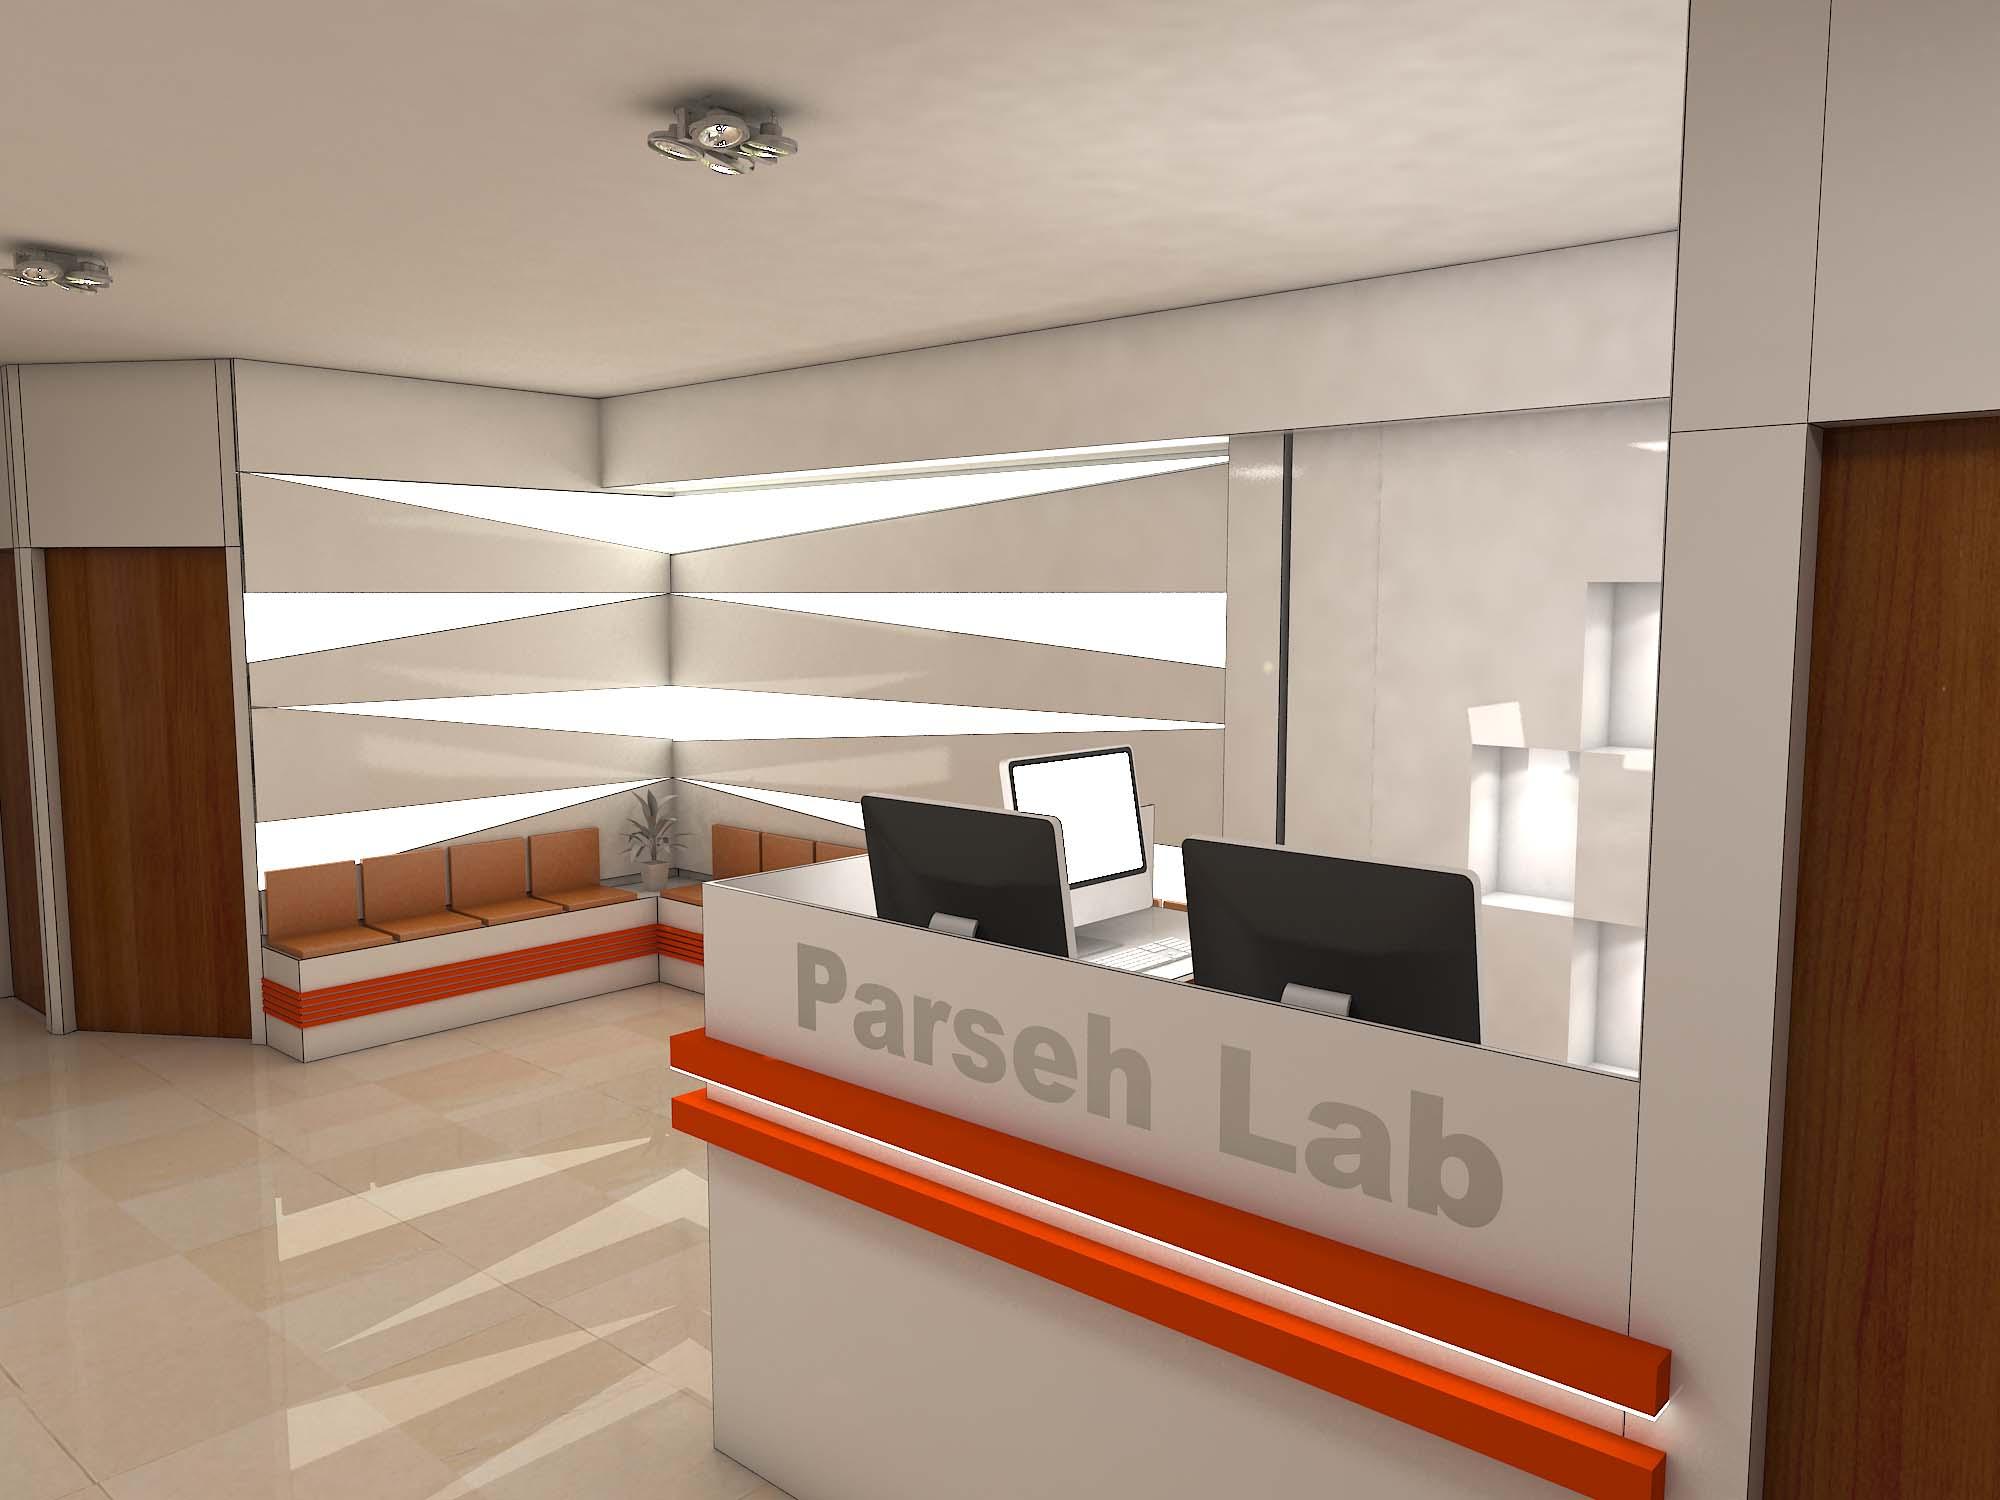 طراحی آزمایشگاه پارسه۲